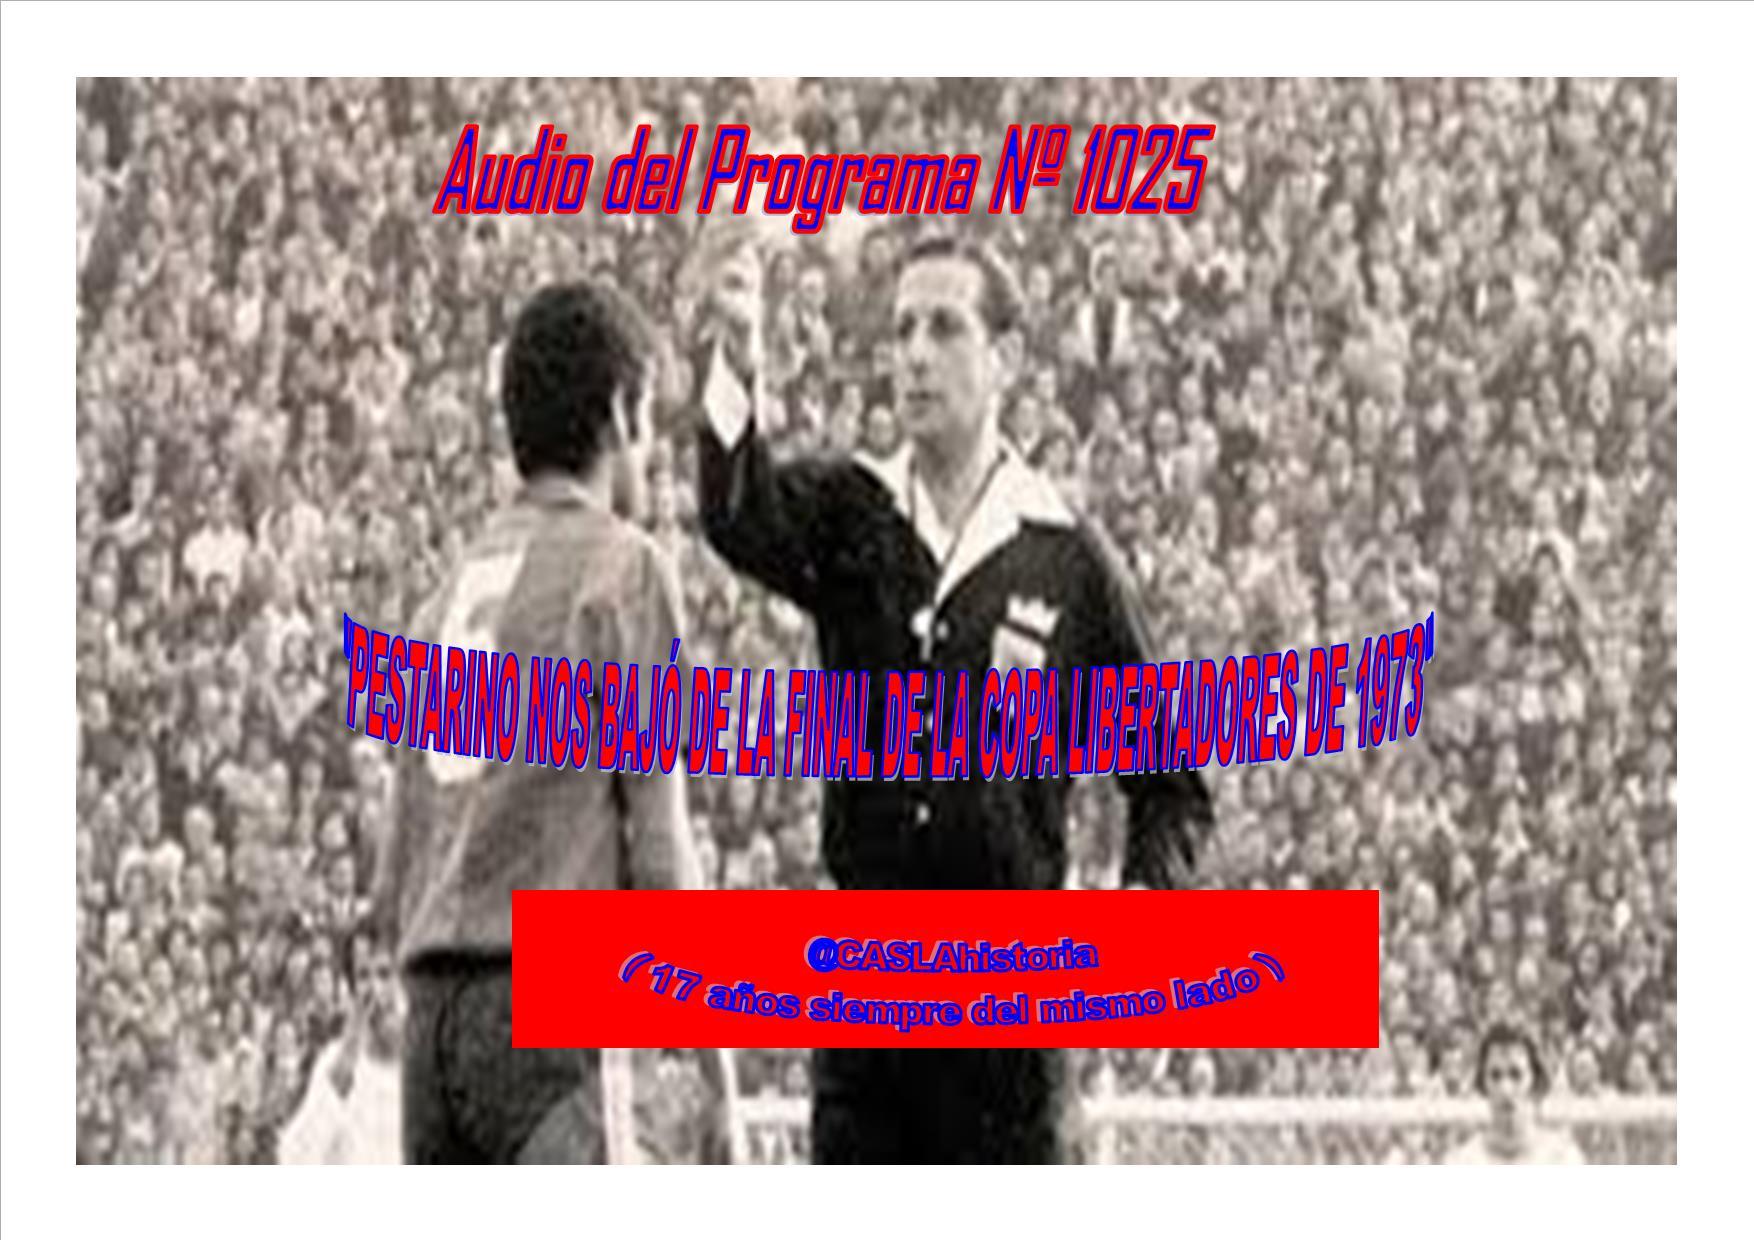 Audio del Programa Nº 1025.»PESTARINO NOS BAJÓ DE LA FINAL DE LA COPA LIBERTADORES DE 1973″